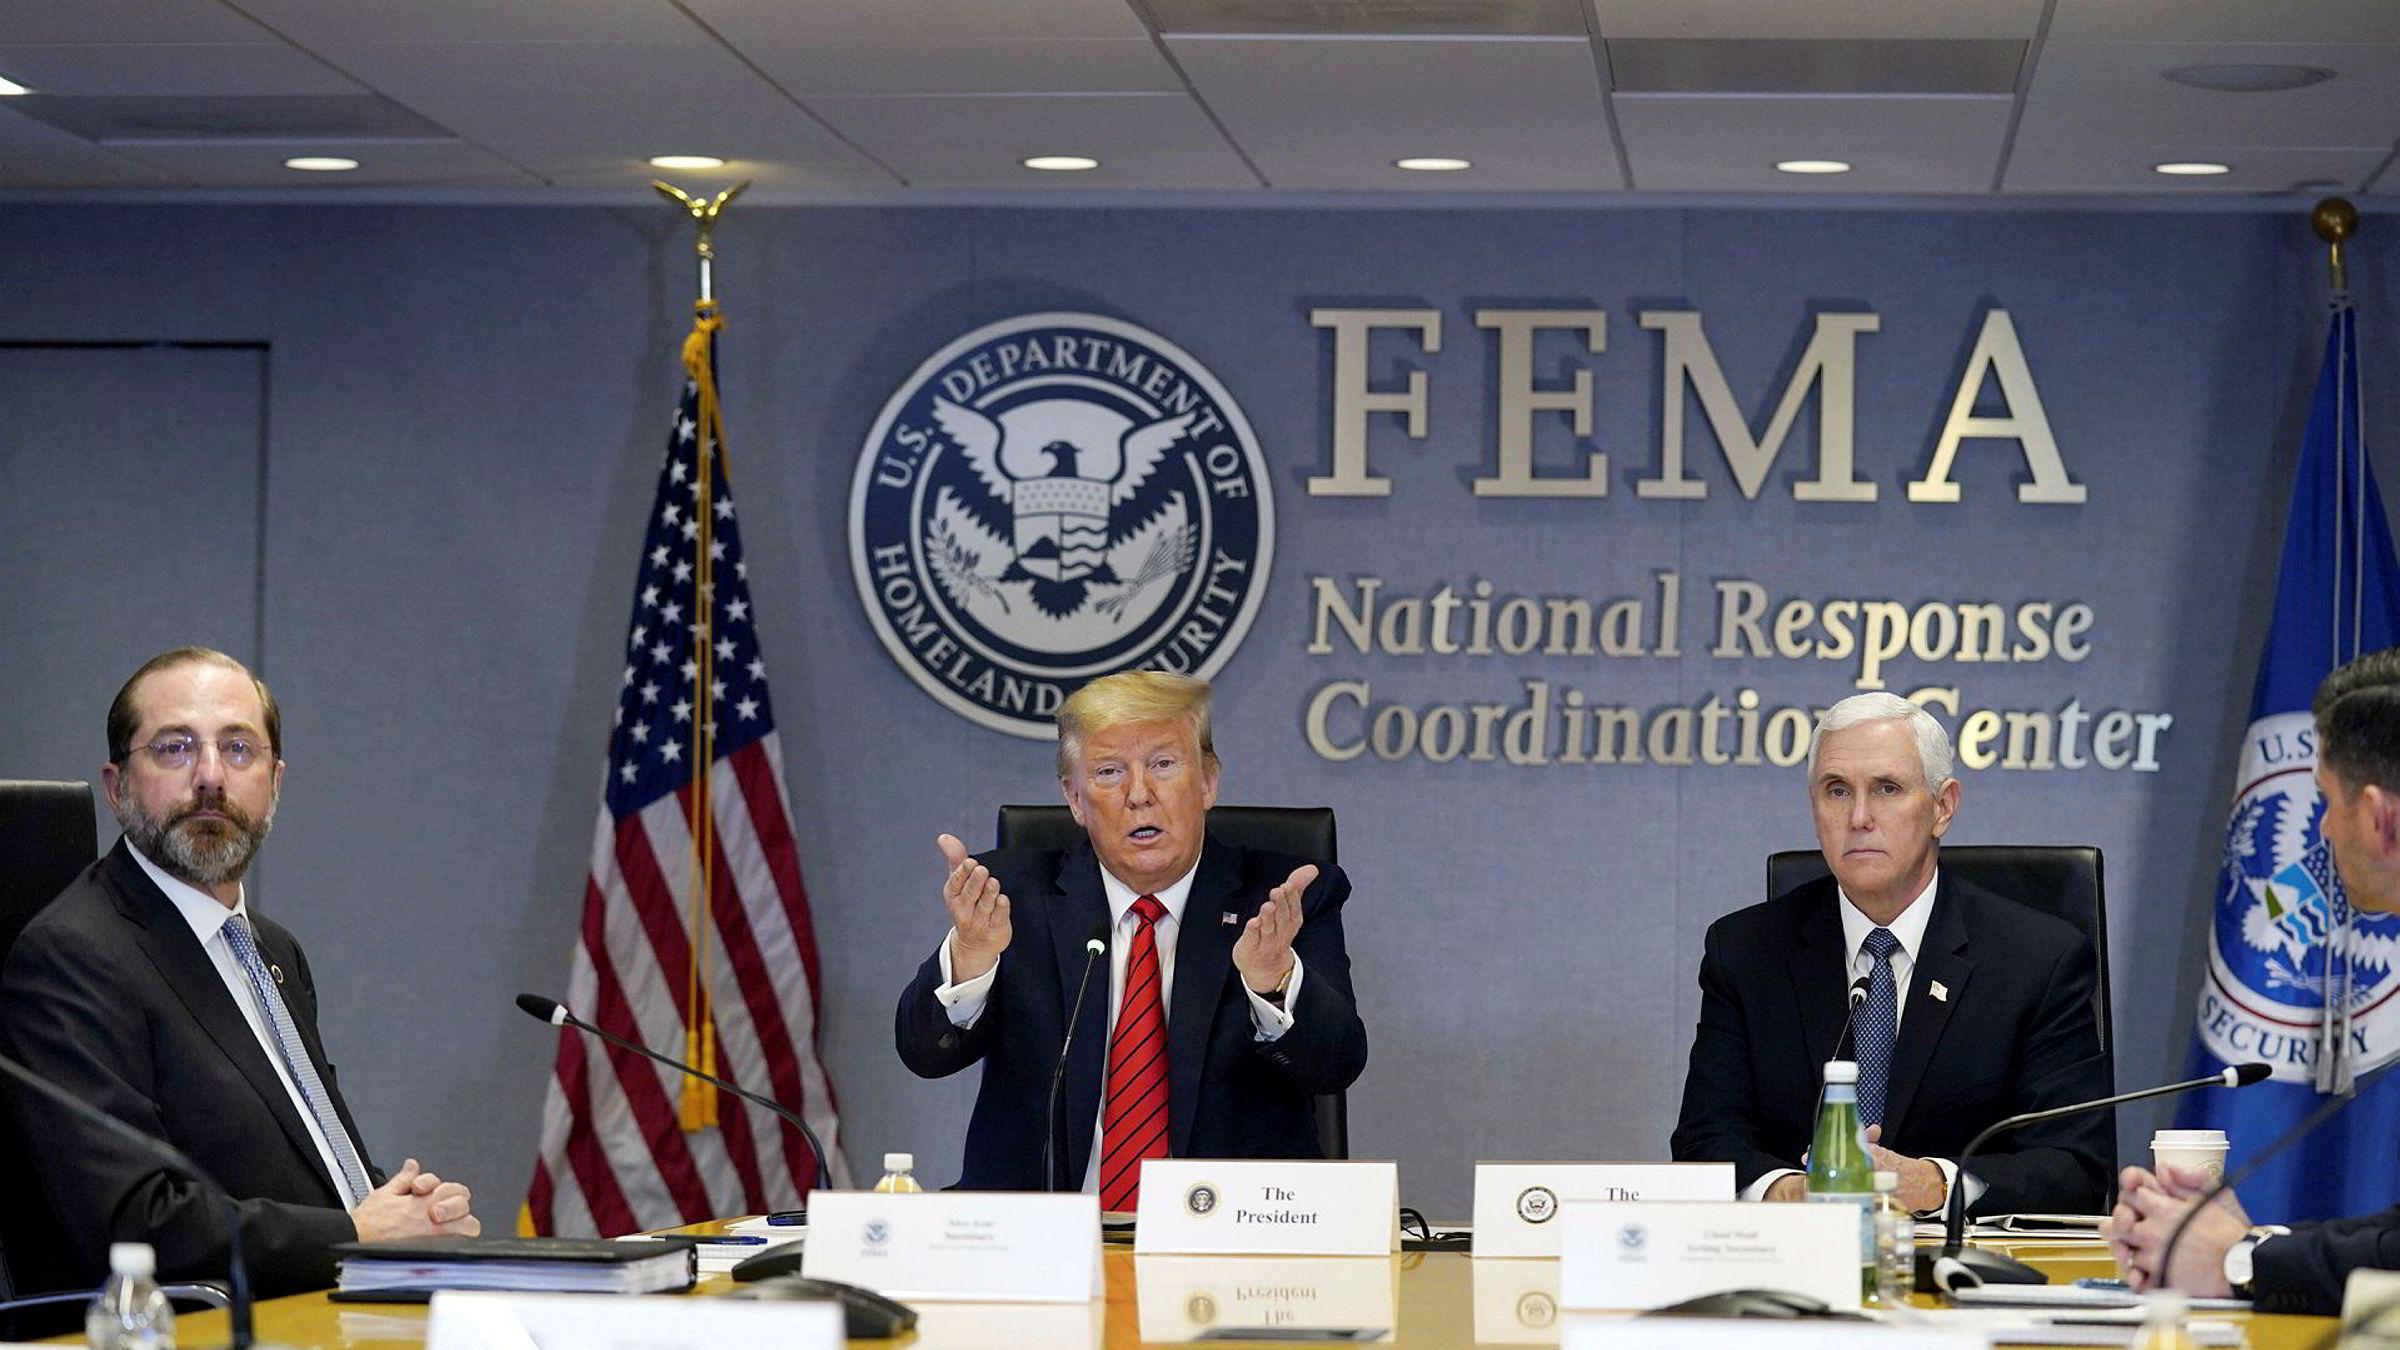 Tonen skjerpes mellom presidenten og hans medisinske rådgivere